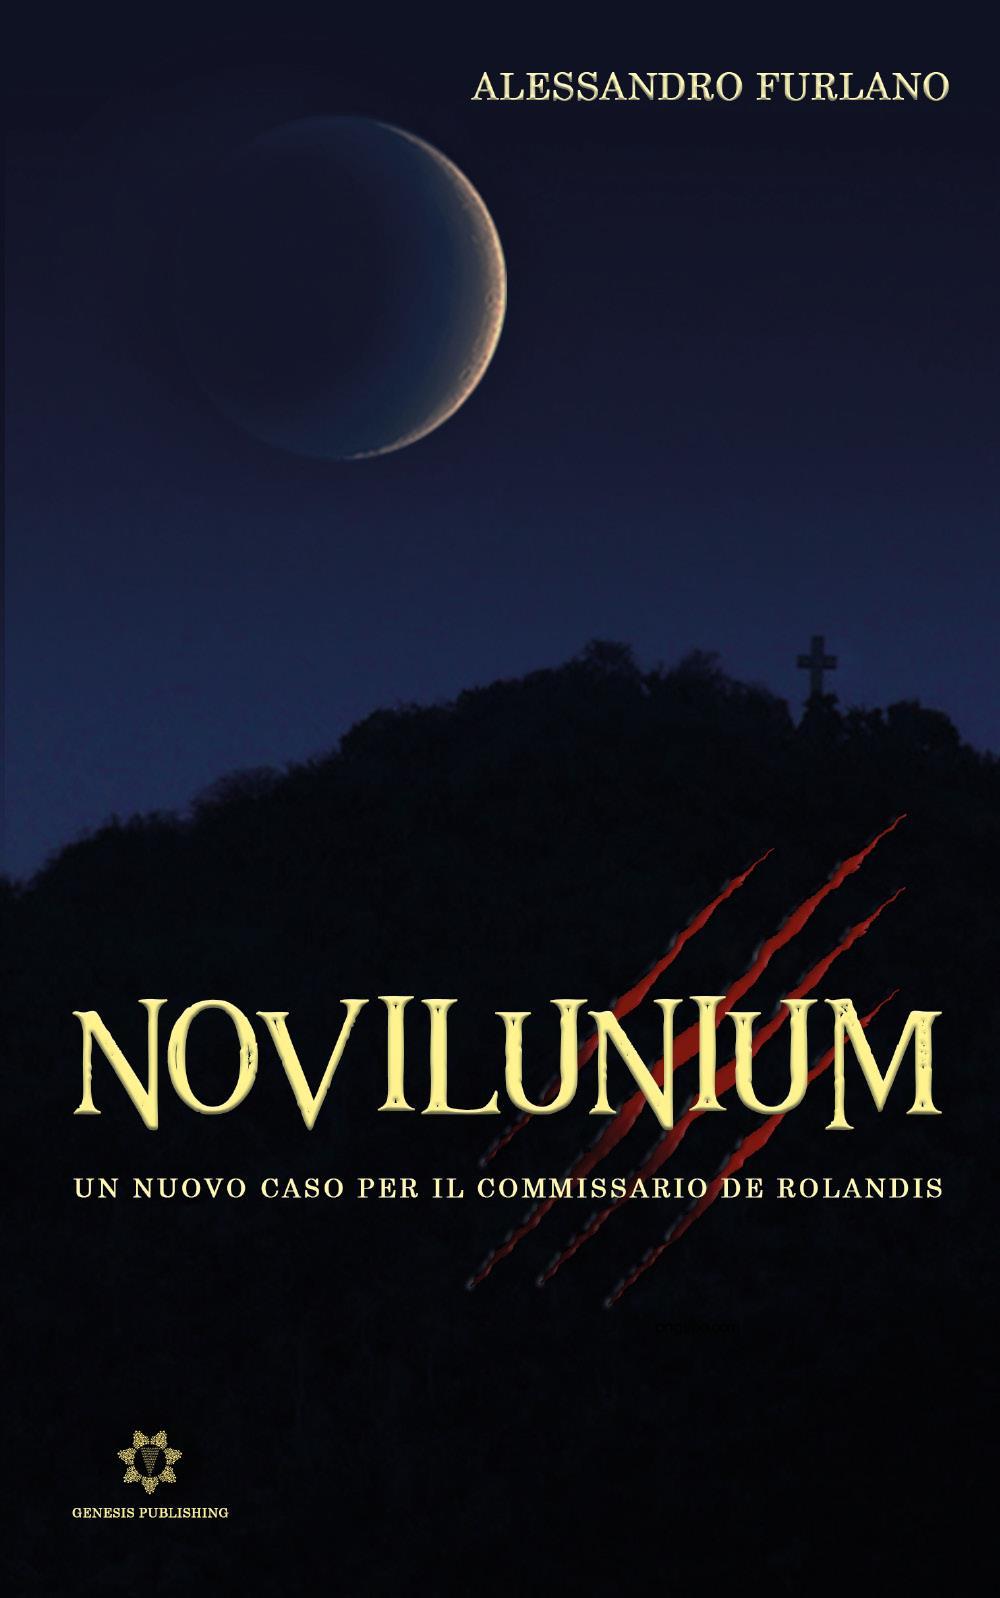 Novilunium - Un nuovo caso per il Commissario De Rolandis